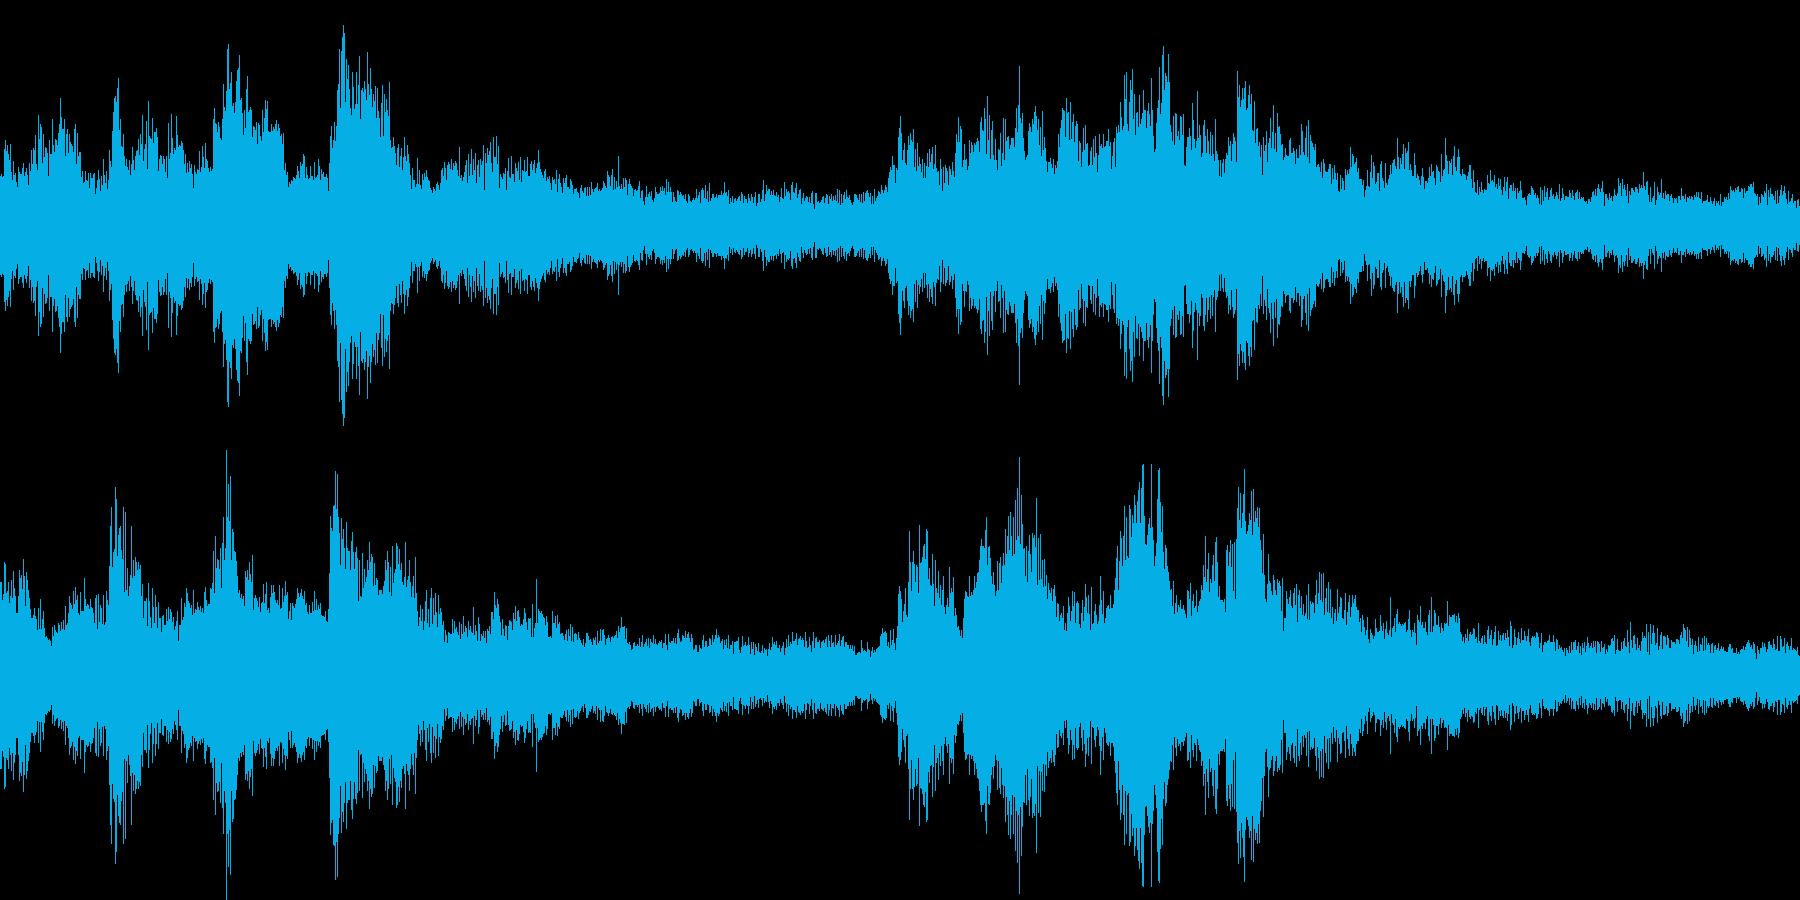 琴やシンセを使った和風なジングル_ループの再生済みの波形